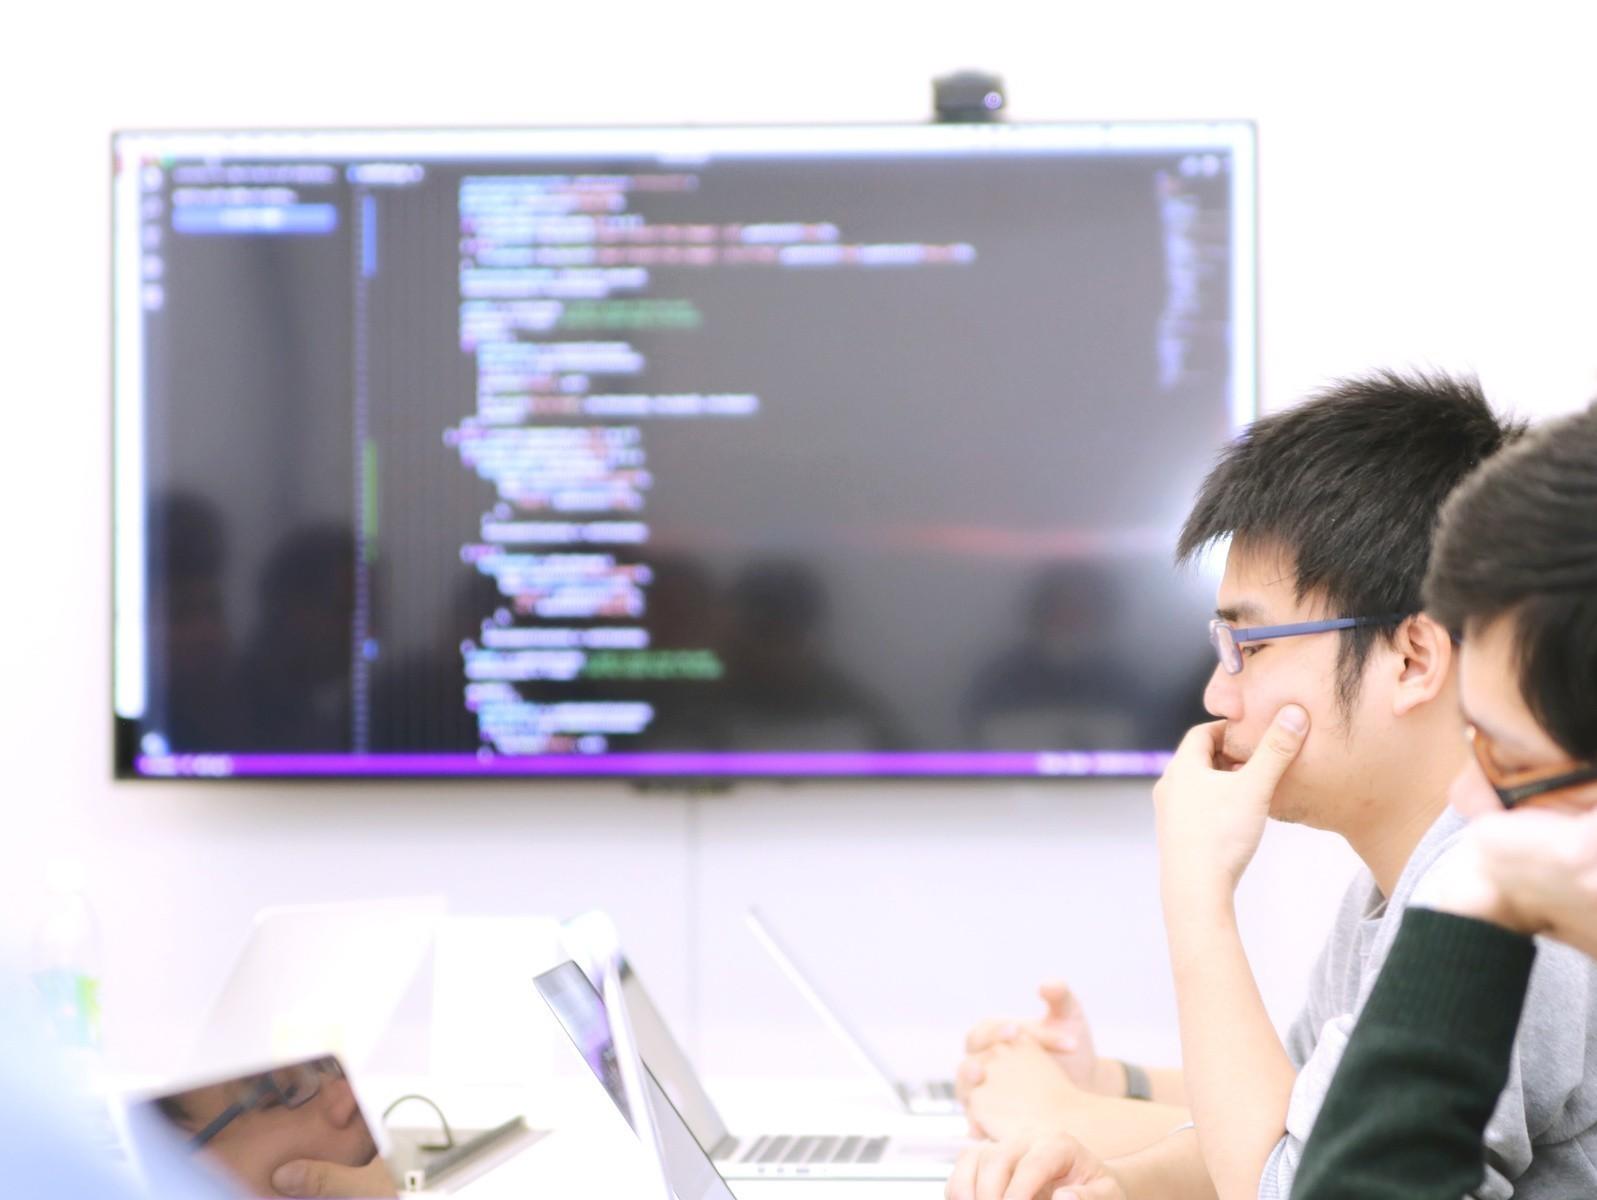 100%自社開発の大手直案件で オリジナリティを発揮できるiOSアプリエンジニア募集!